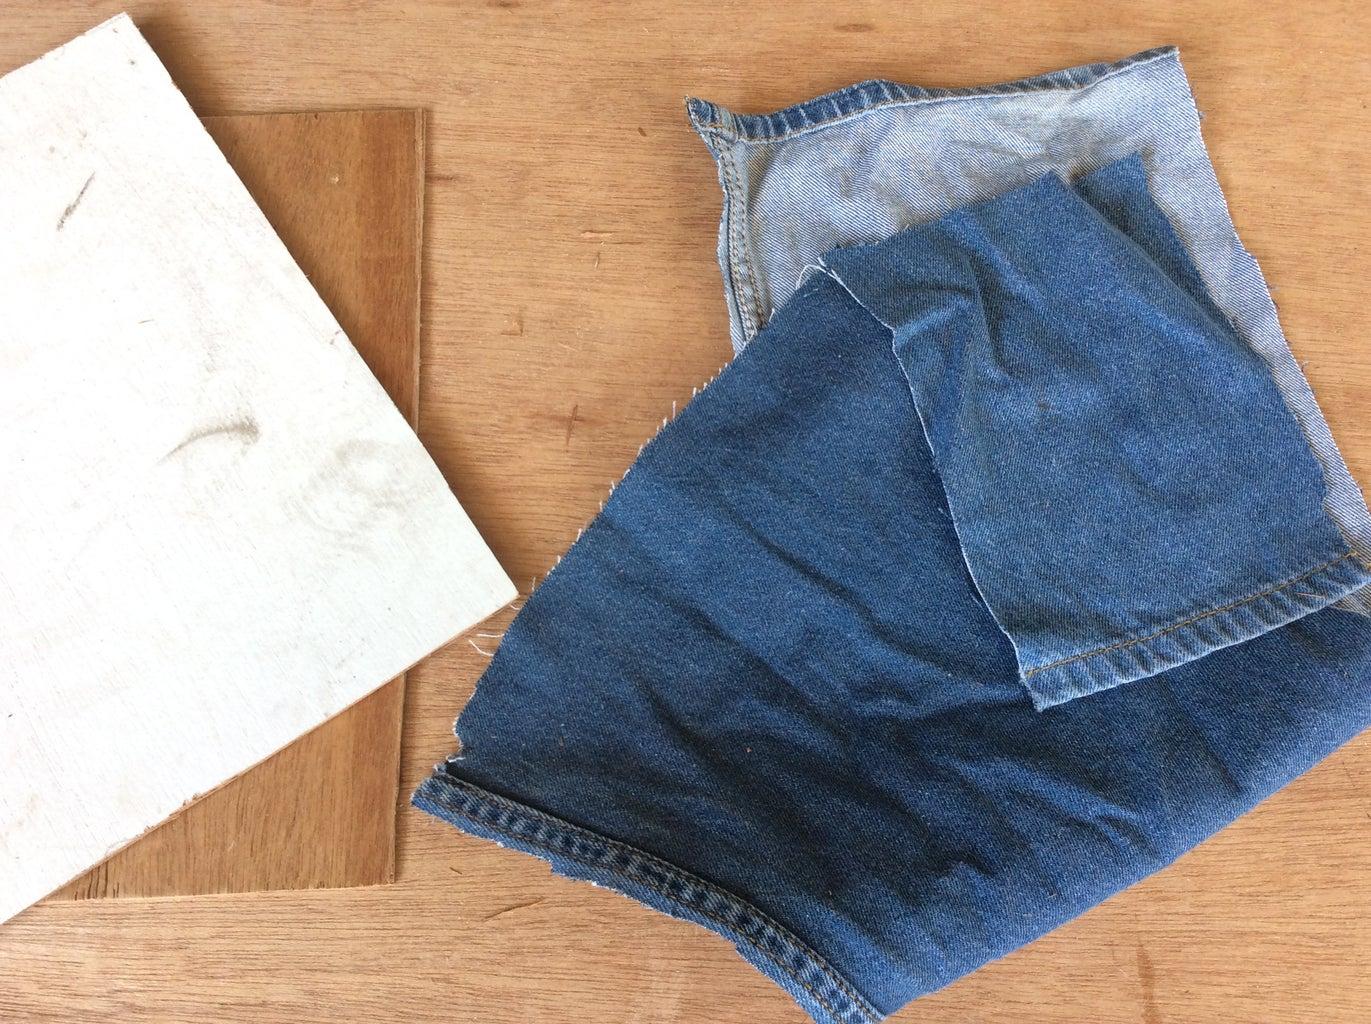 Choosing Your Binding Fabric